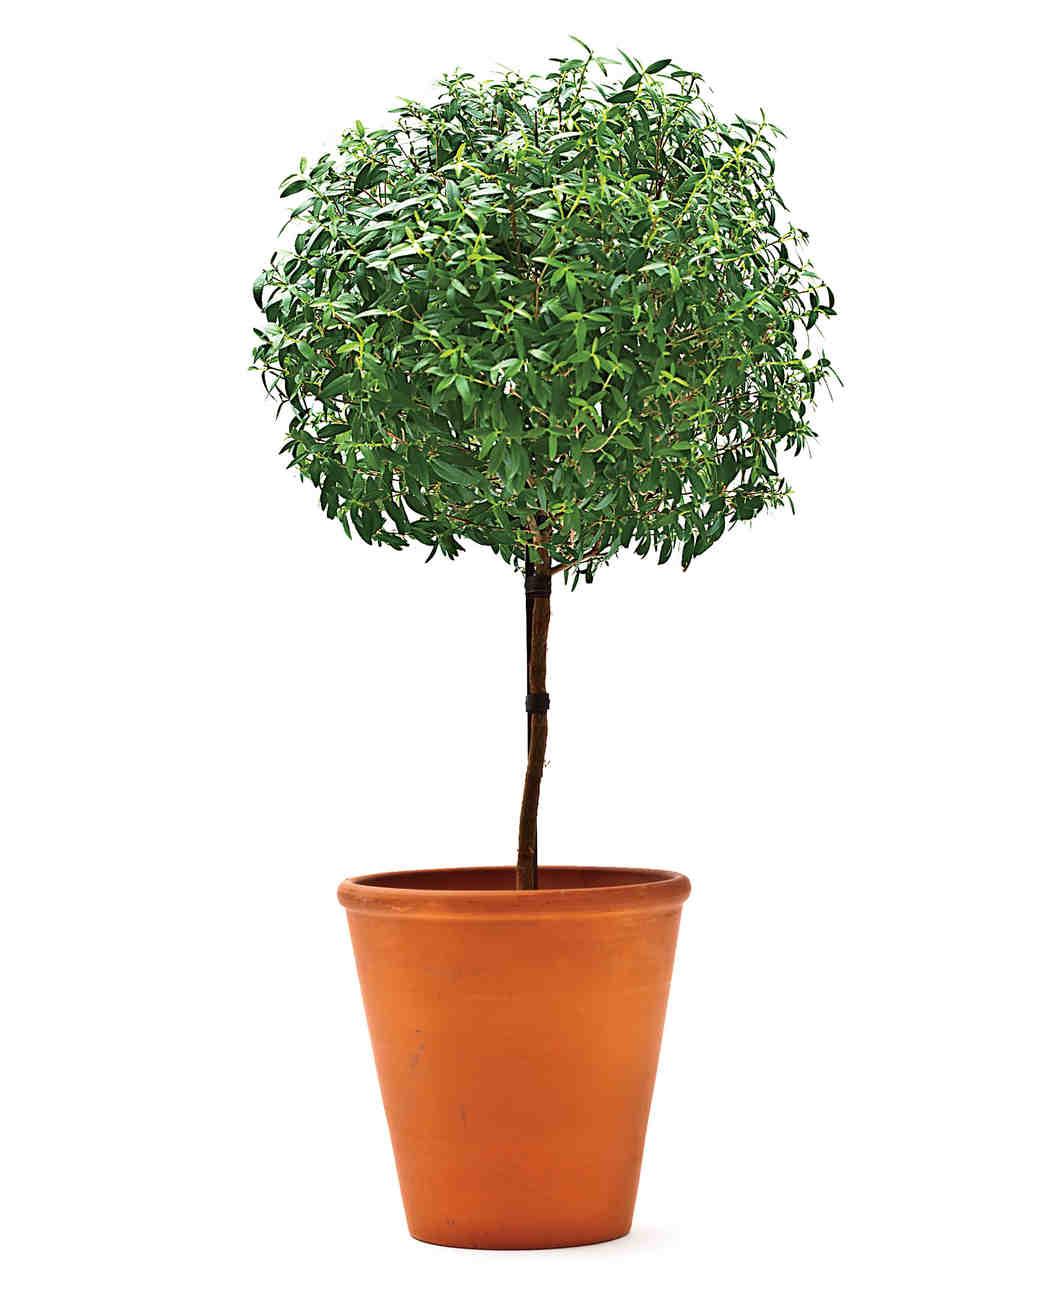 myrtle-topiary-ms108035.jpg